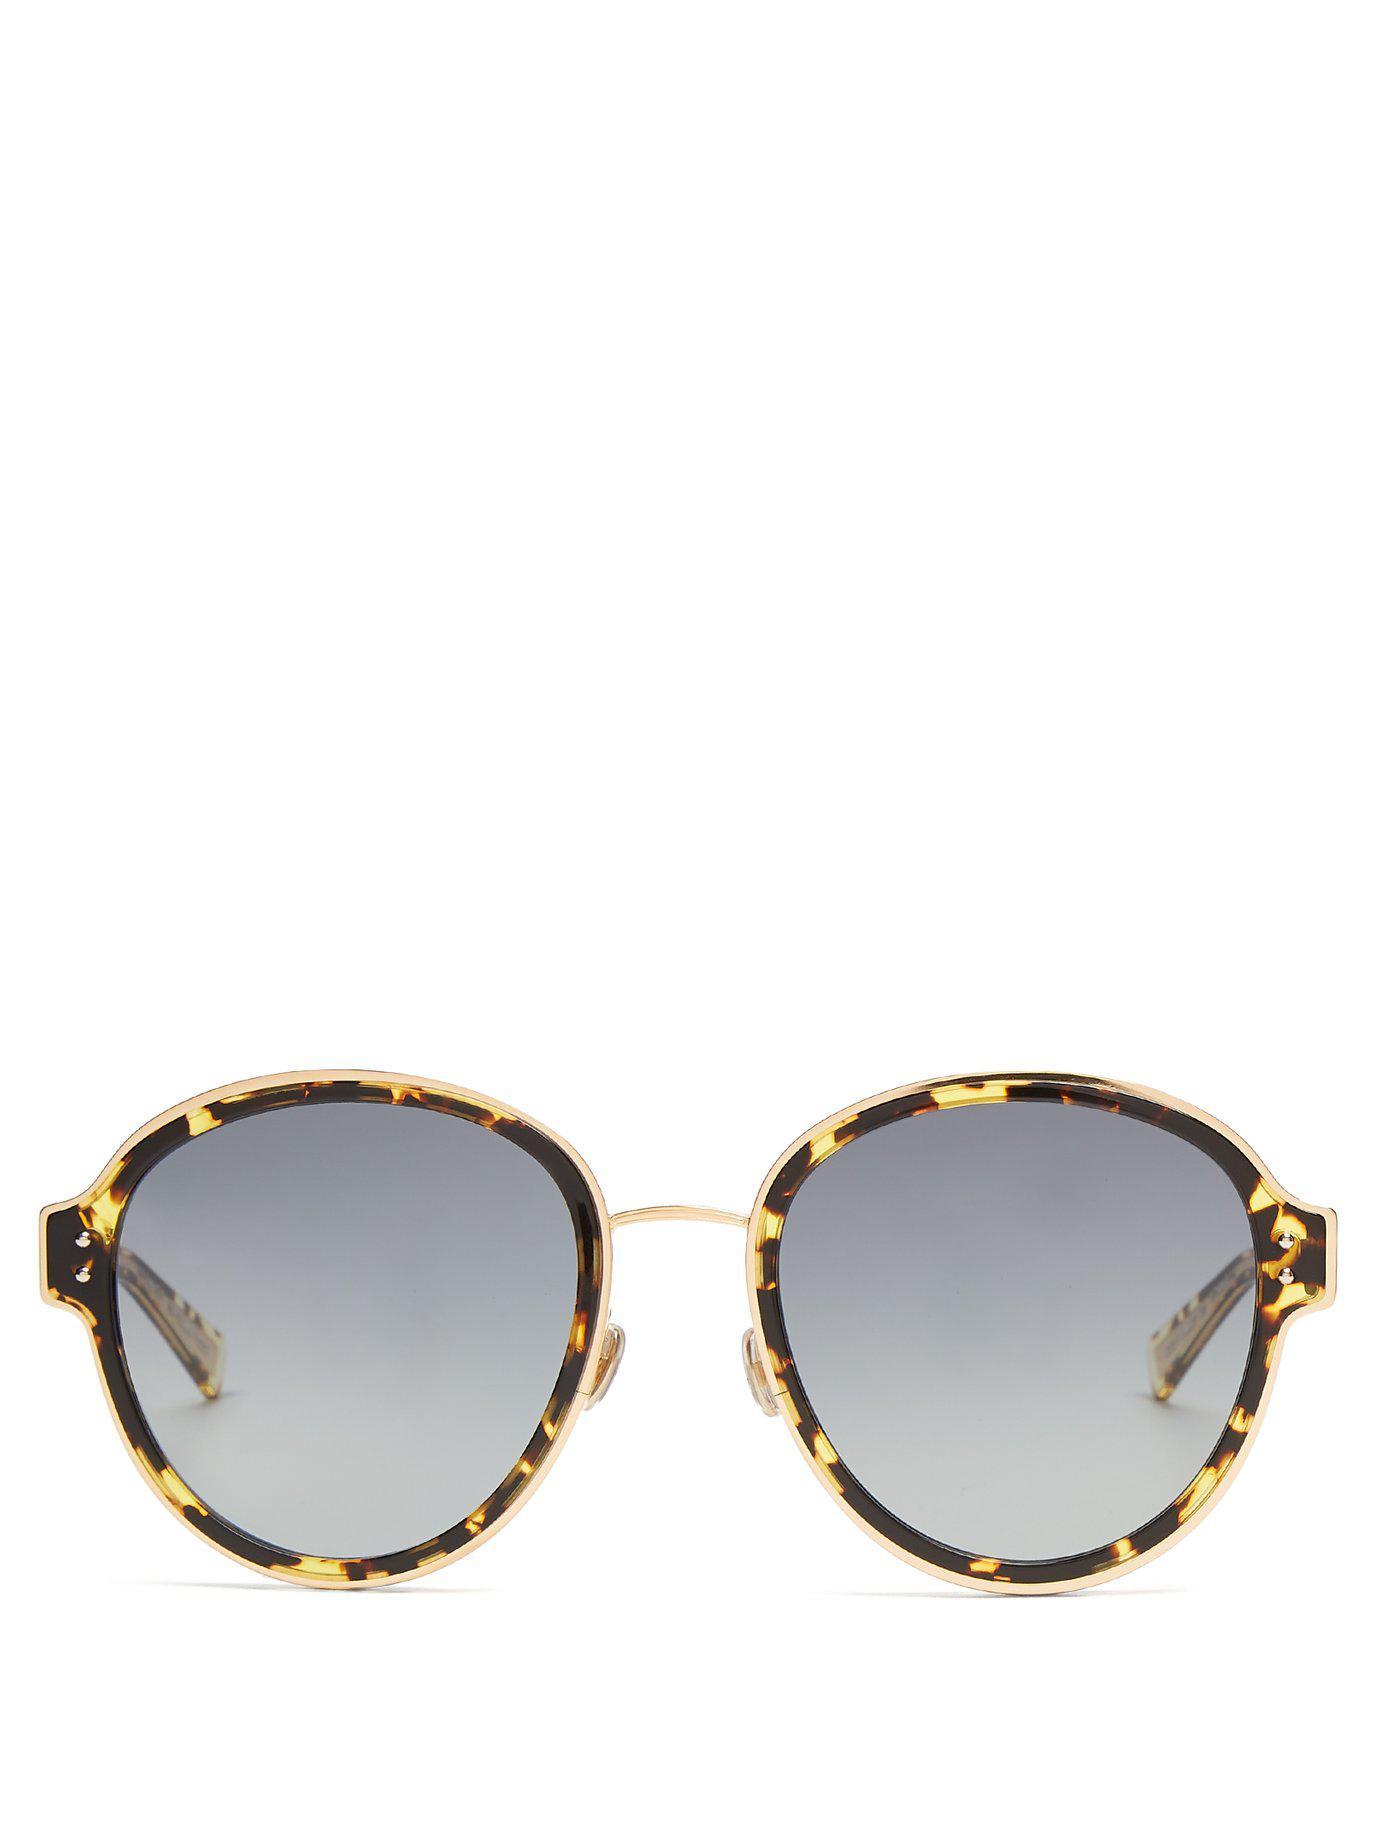 Dior Lunettes de soleil rondes Celestial pSqQld